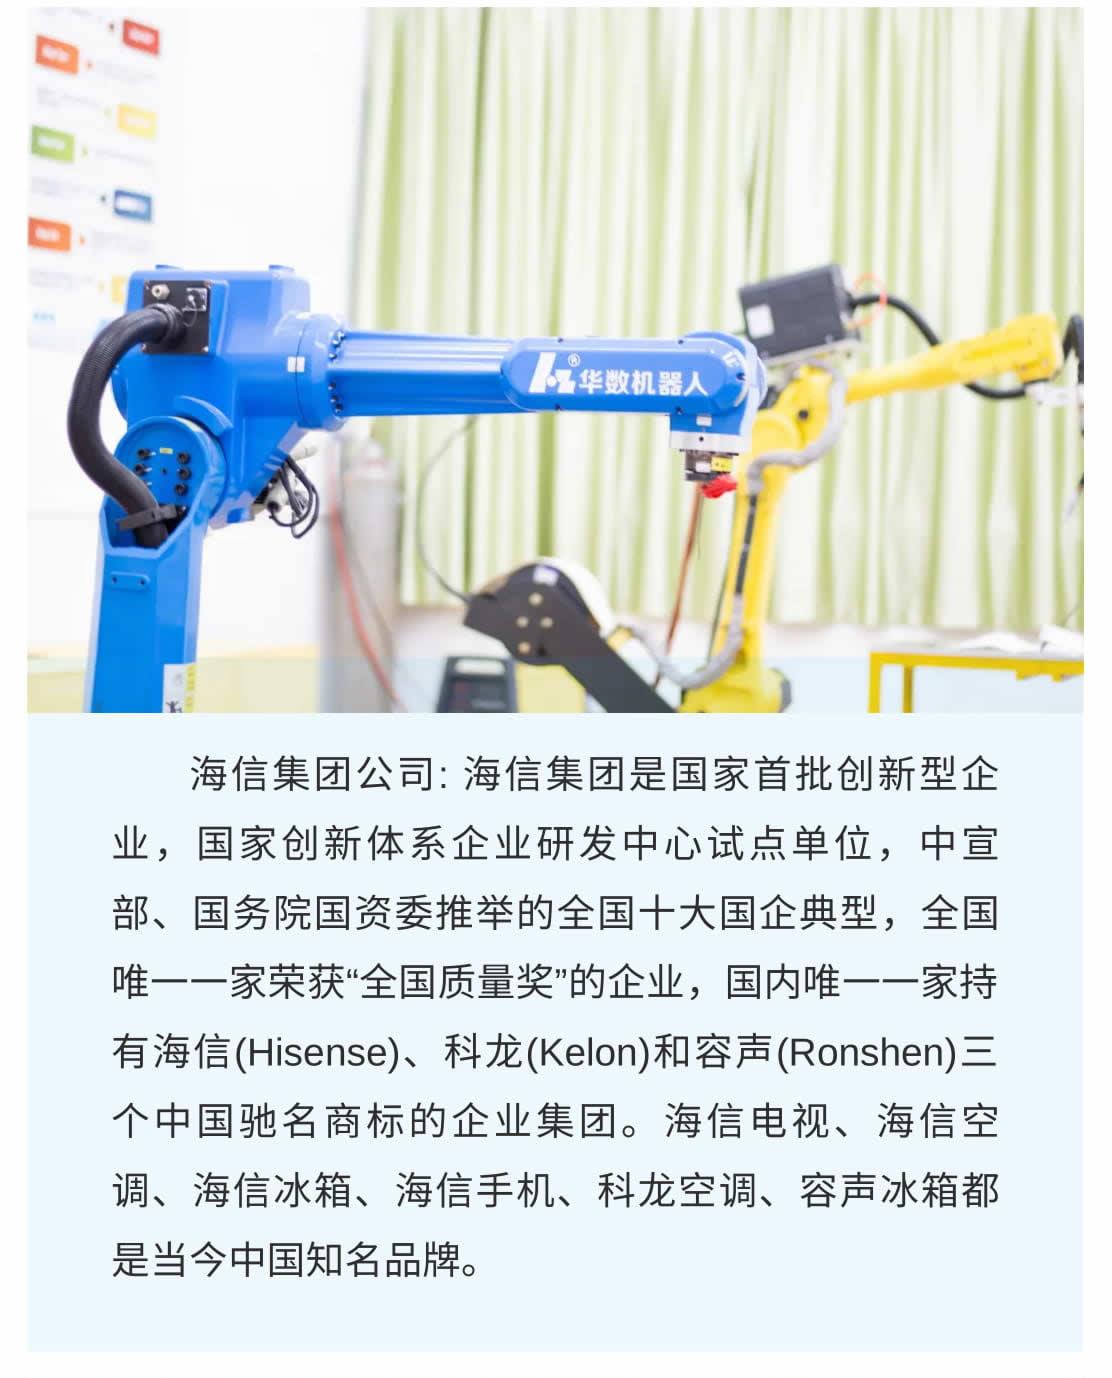 工业机器人应用与维护(初中起点三年制)-1_r8_c1.jpg